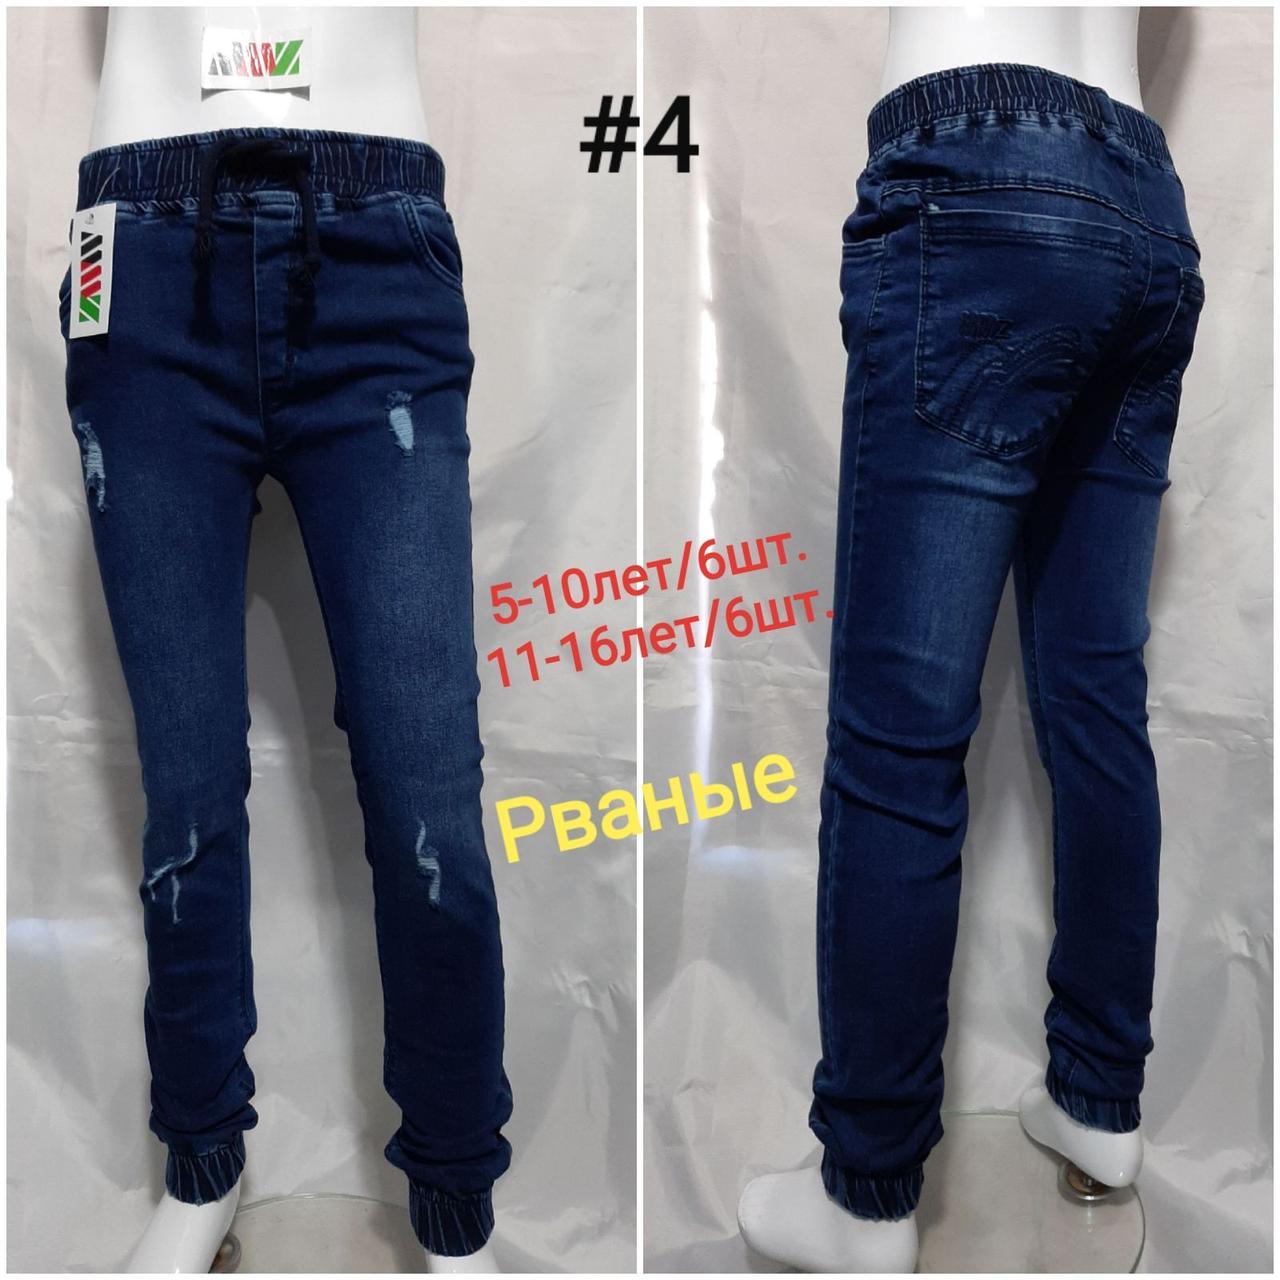 Детские джинсы для мальчика рваные р. 5-10 лет опт